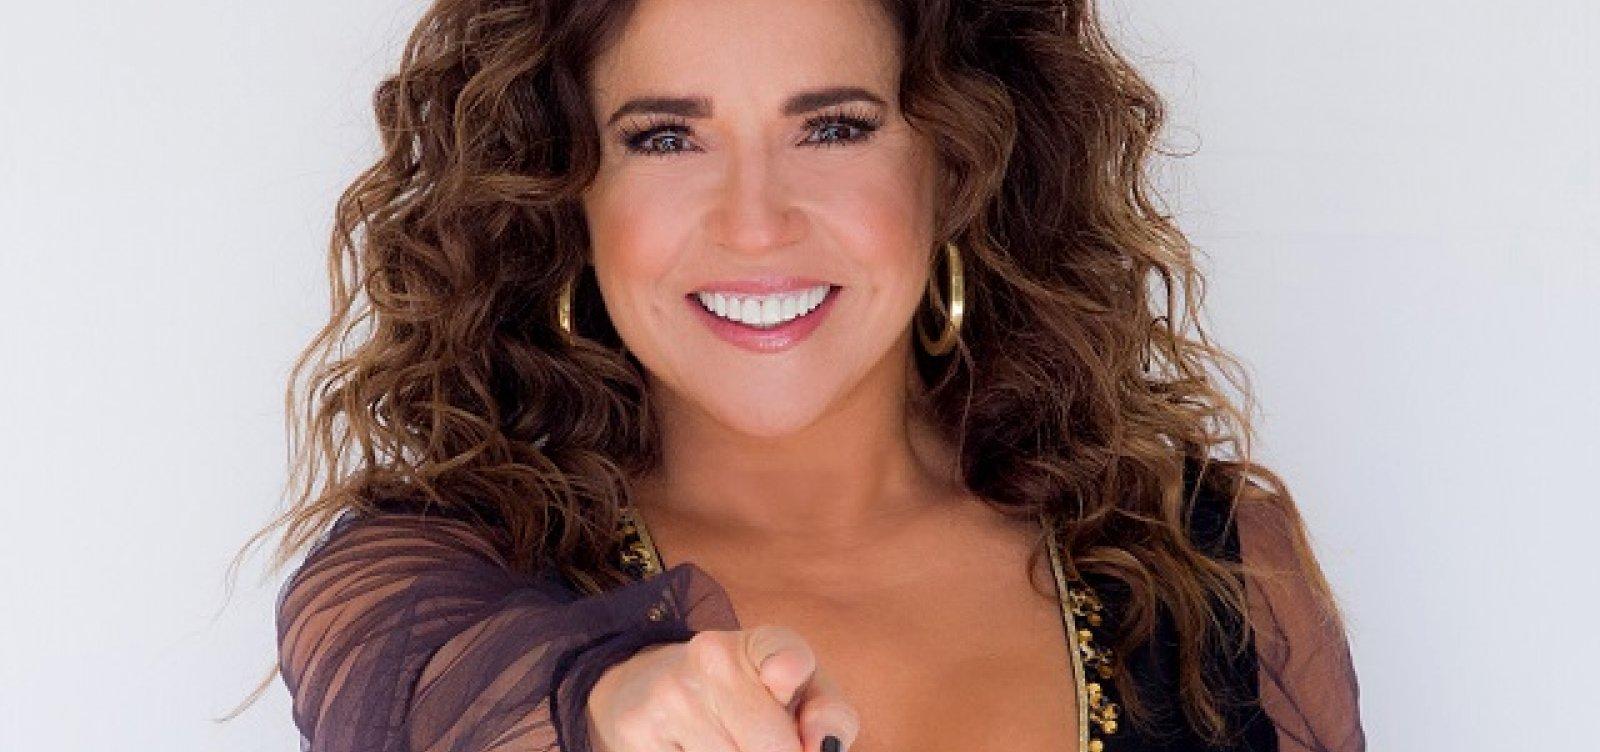 Após ligação de 'Milla' com Bolsonaro, Daniela diz que vai gravar nova versão do hit